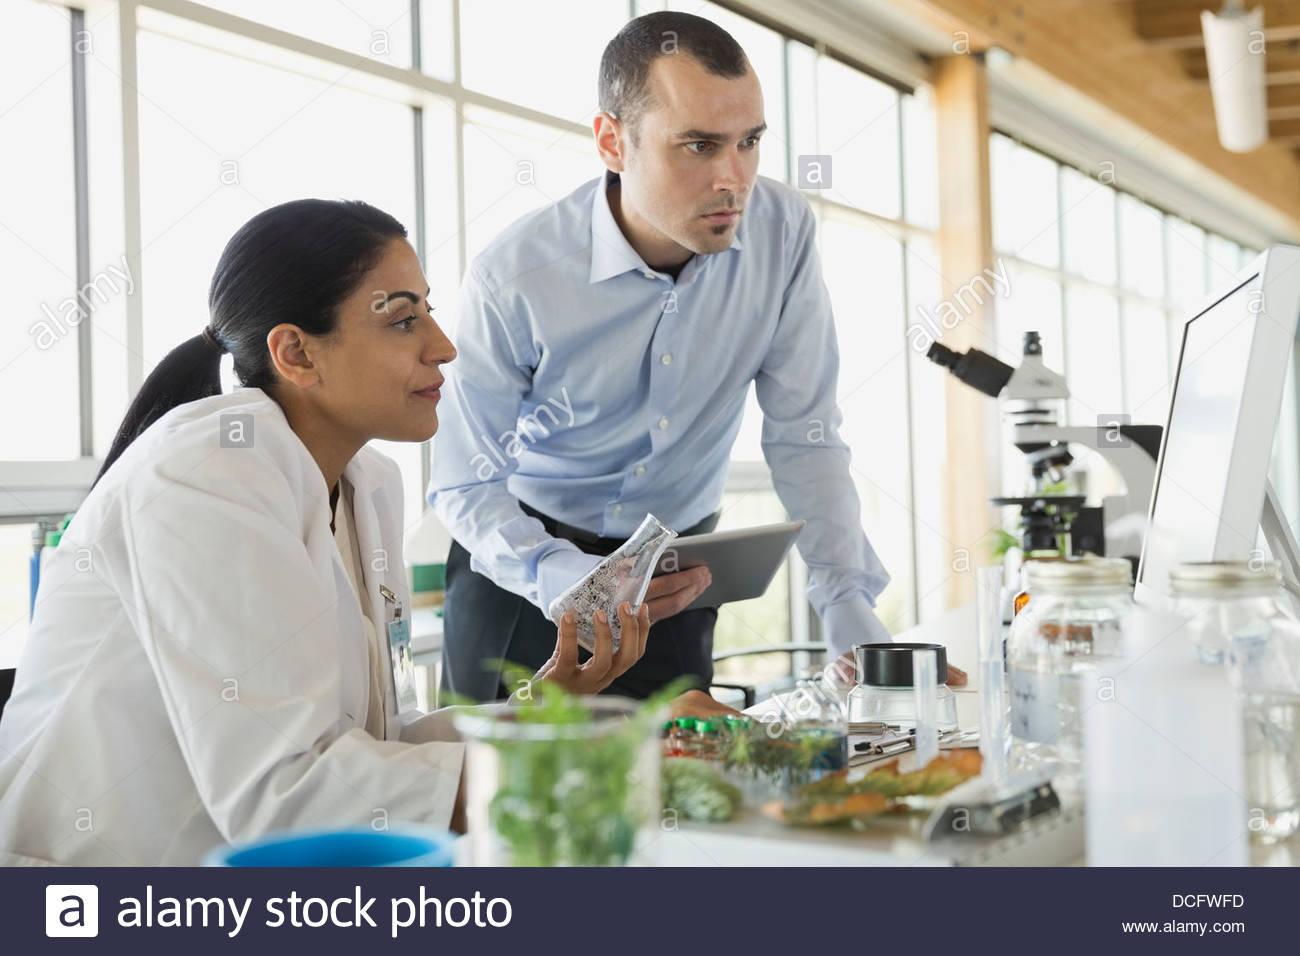 Botaniste et homme d'examiner les données de l'échantillon Photo Stock